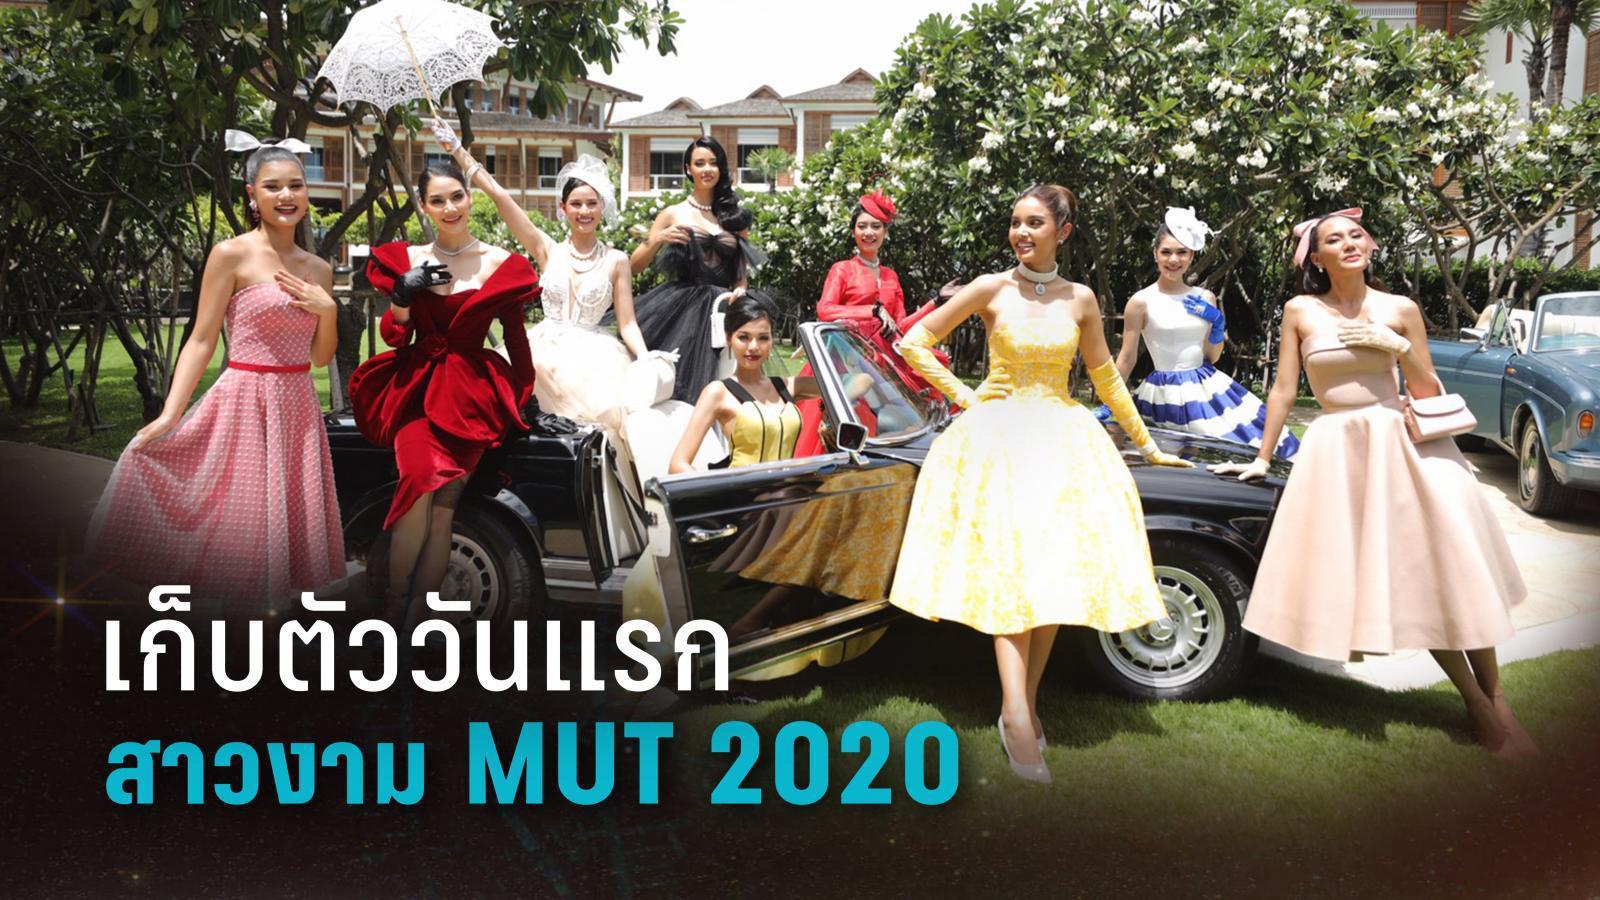 """สาวงามMUT 2020 ประชันโฉมธีม """"ปริศนา"""" เก็บตัววันแรก"""